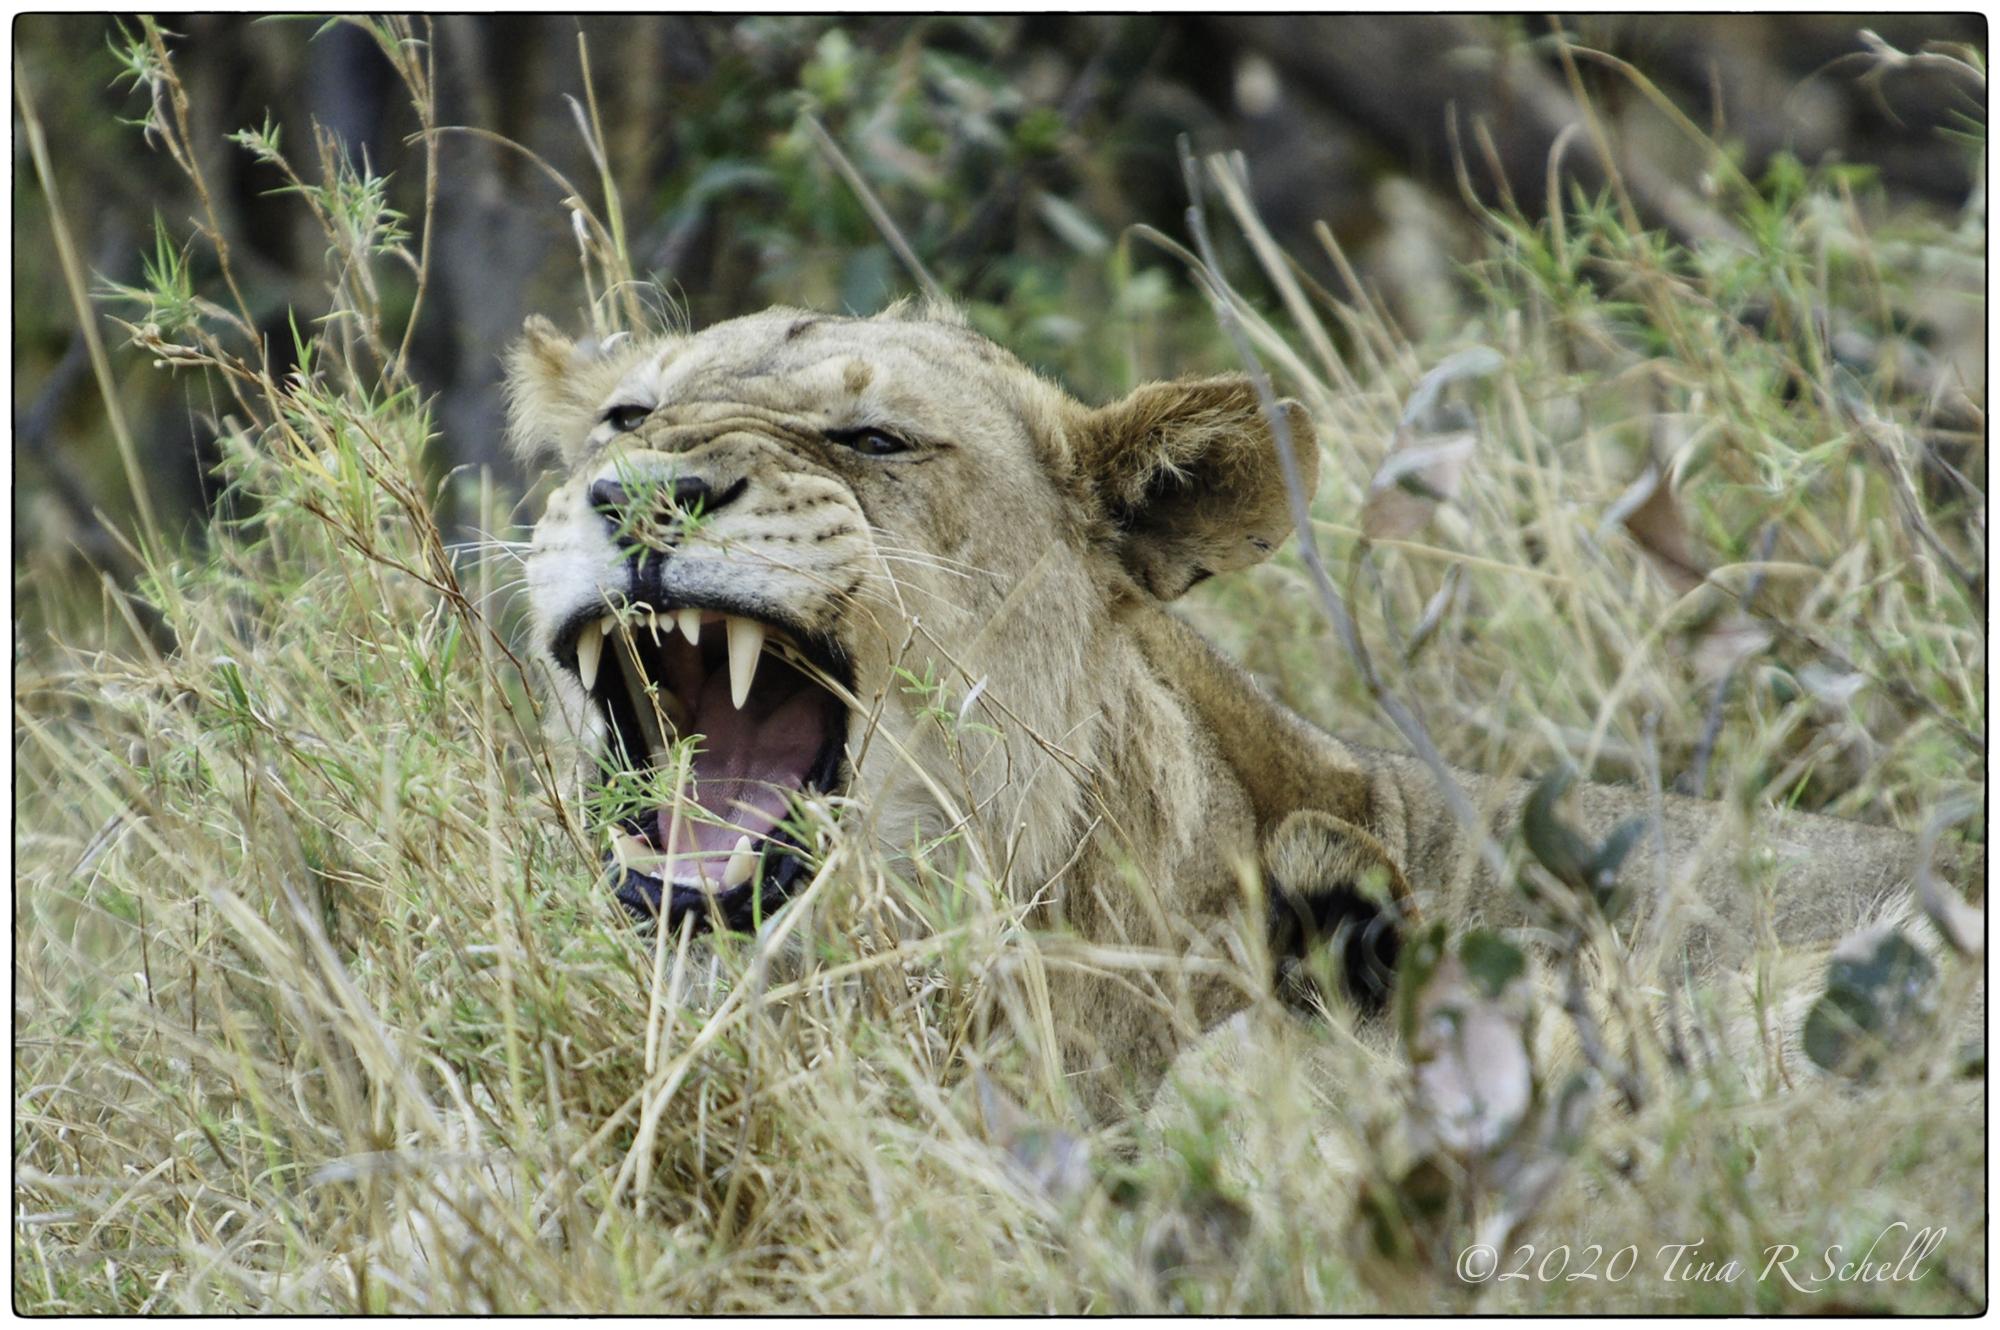 LION CUB, GROWLING